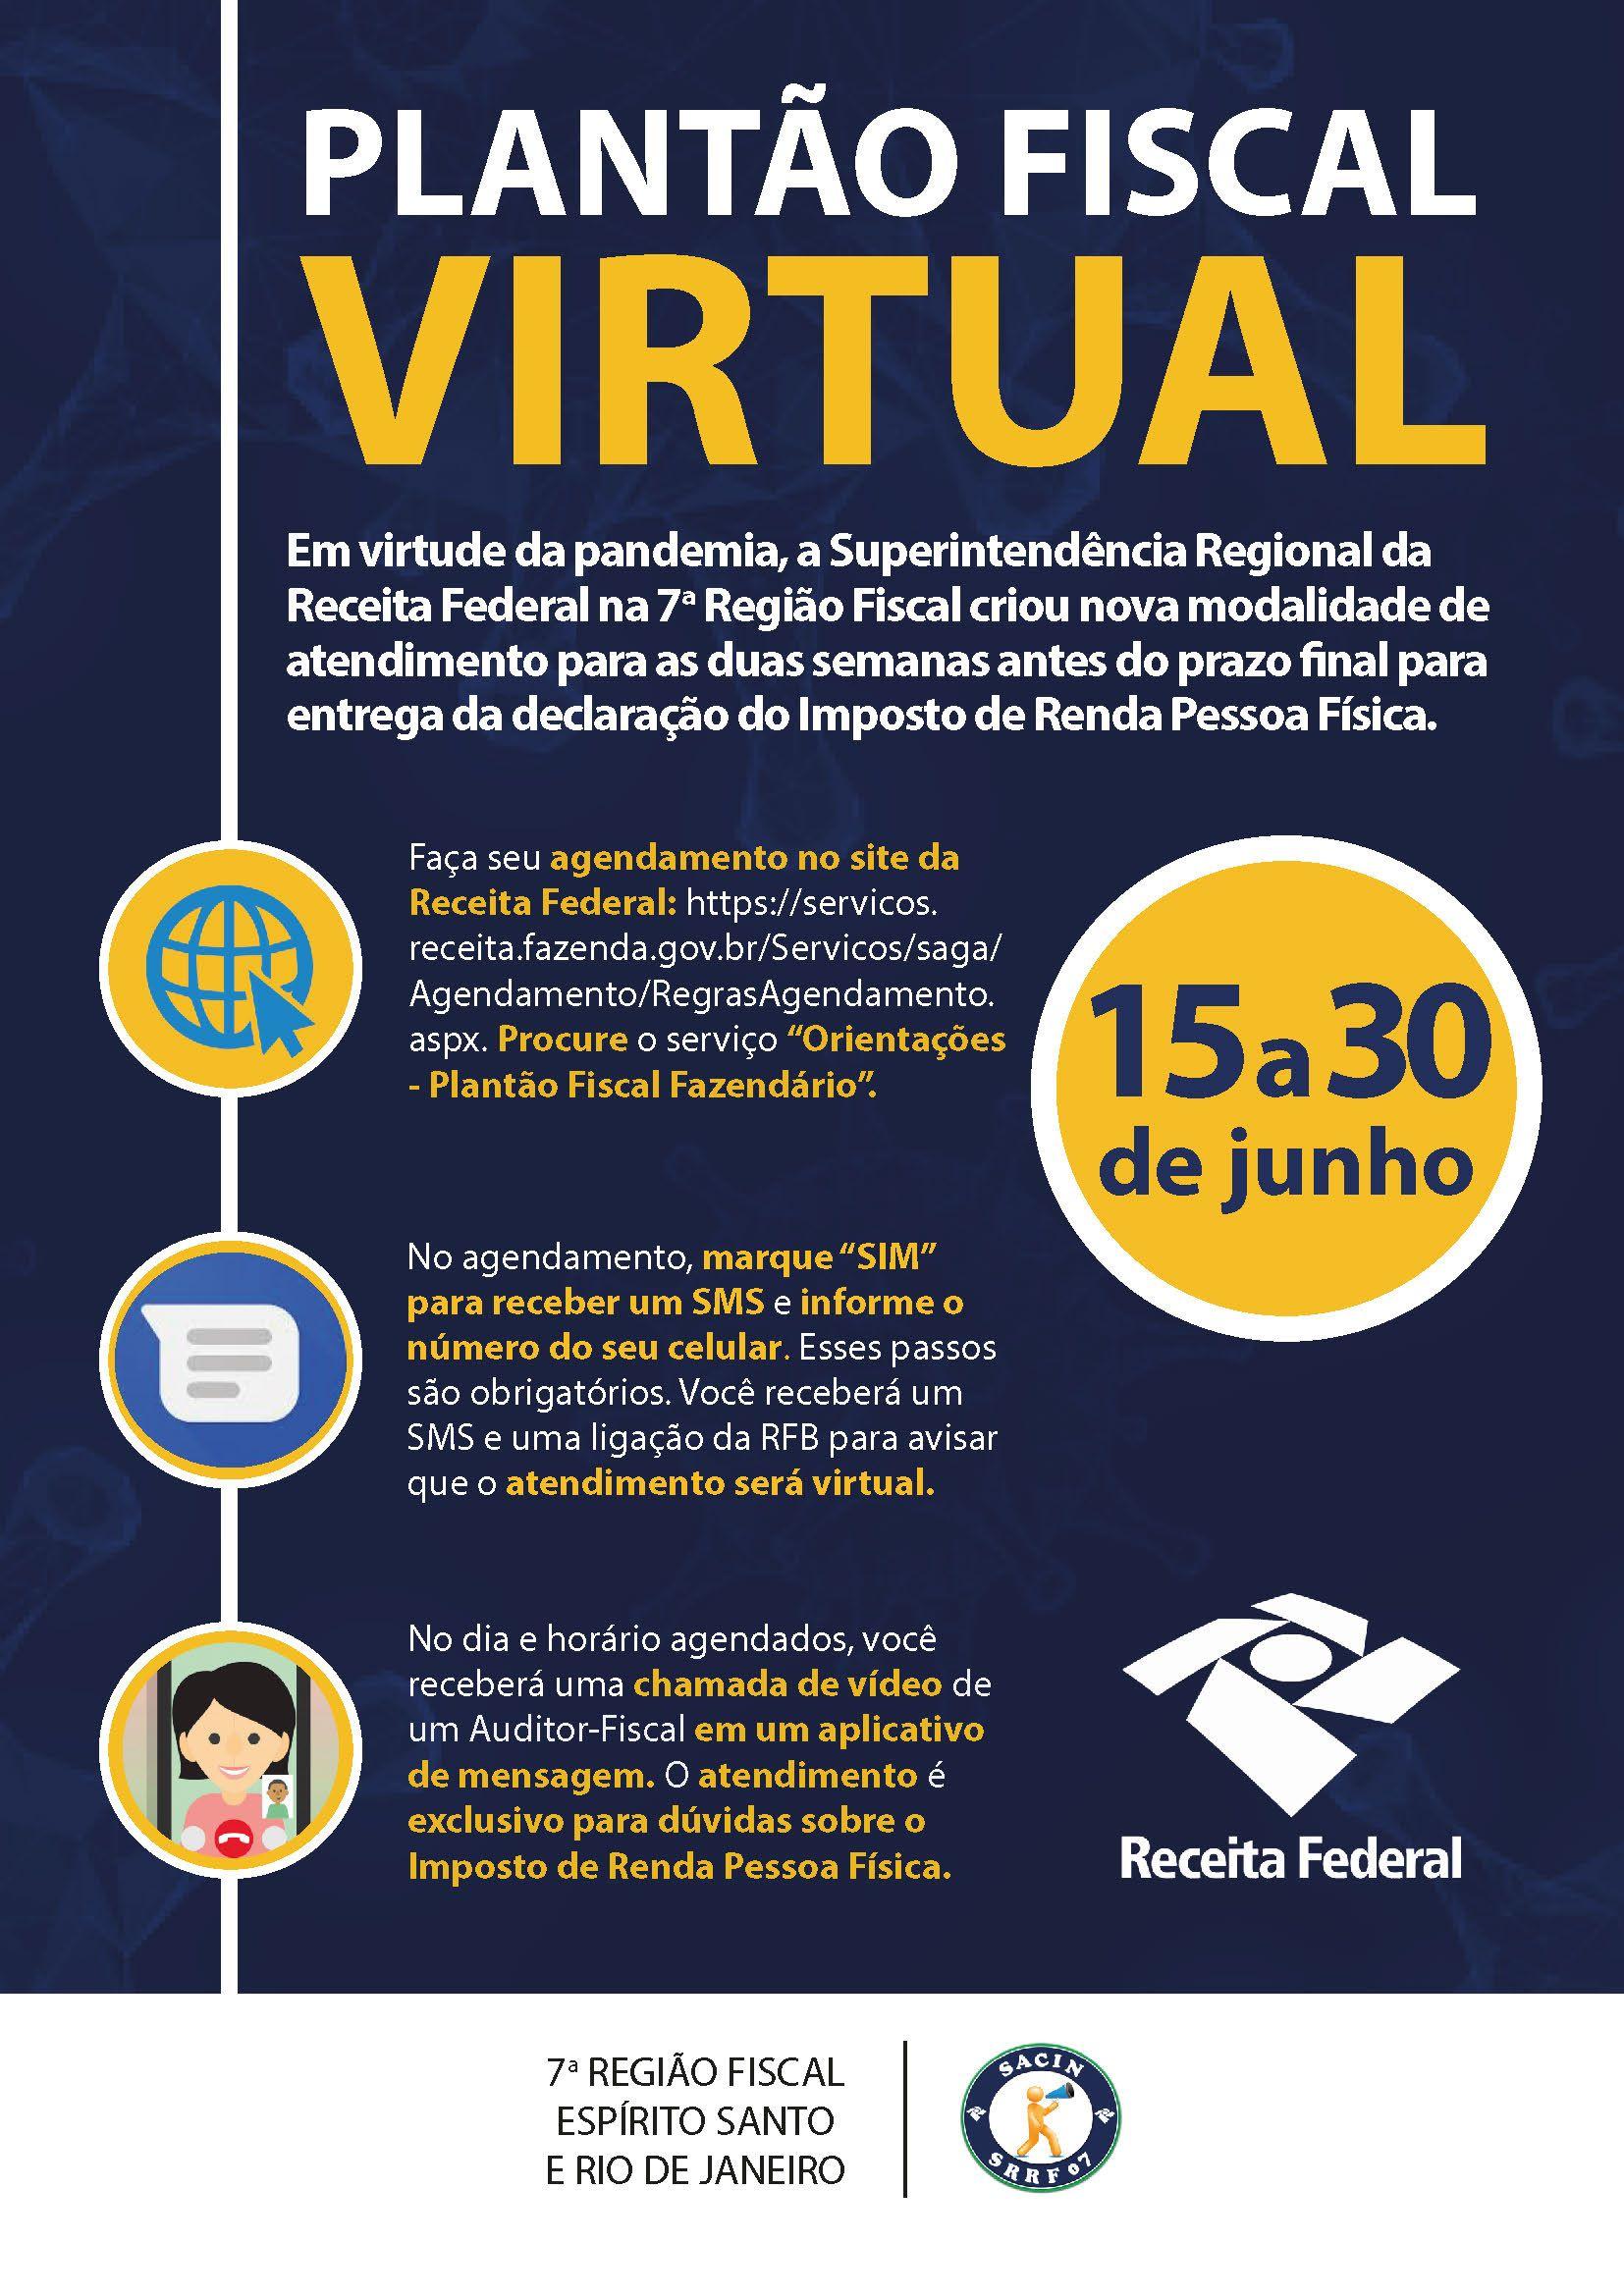 Receita Federal cria Plantão Fiscal Virtual para tirar dúvidas sobre o IRPF 2020